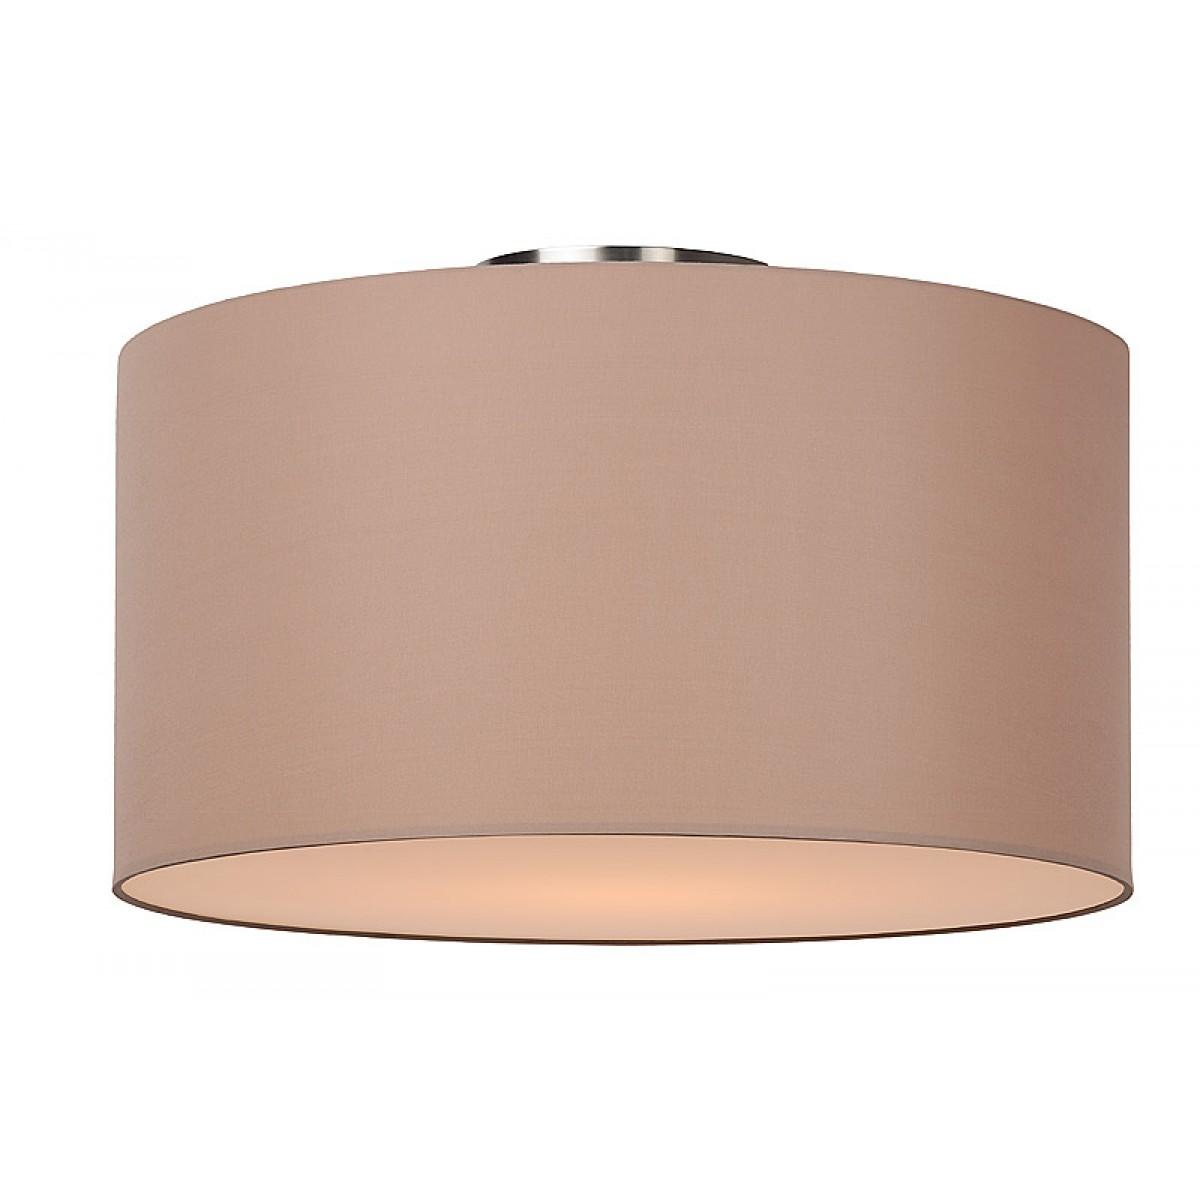 deckenleuchte rund taupe deckenlampe taupe lampenschirm durchmesser 45 cm deckenleuchten. Black Bedroom Furniture Sets. Home Design Ideas